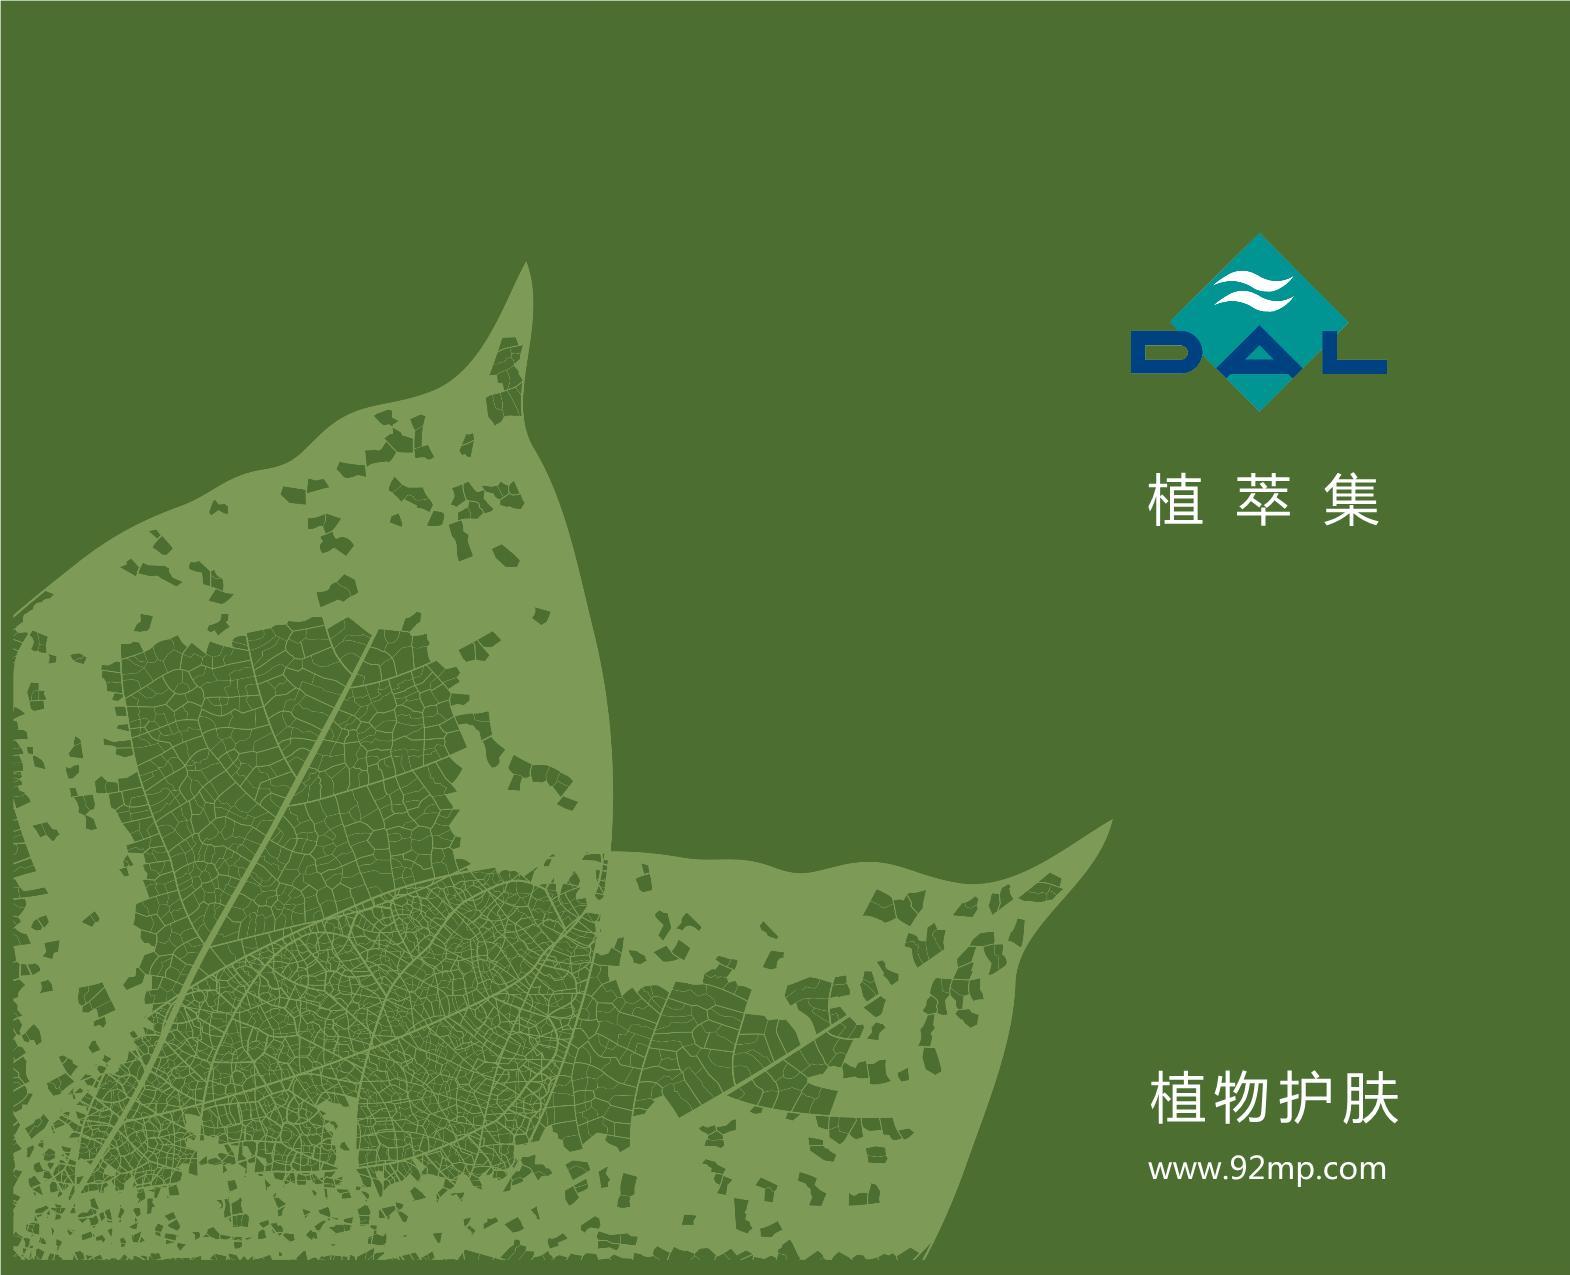 绿色植萃集护肤鼠标垫模板下载